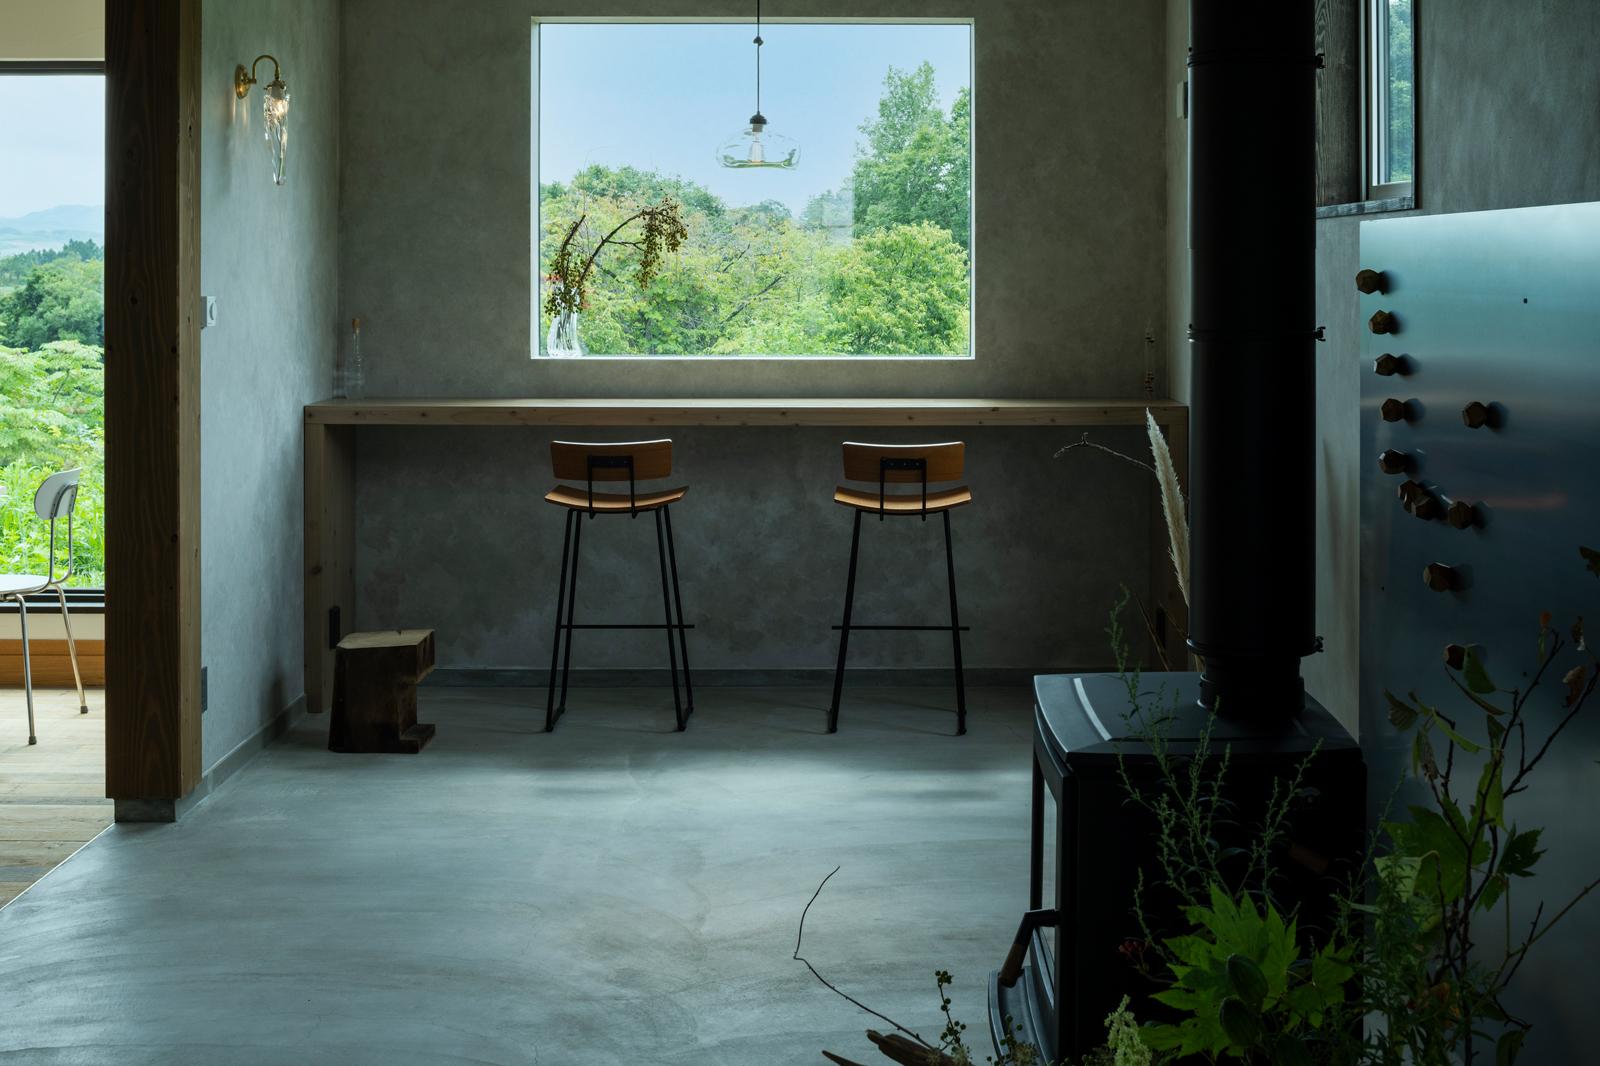 窓辺に設けたカウンターは、おひとり様専用席。絵のように切り取られた窓から、5月初旬には満開の桜が見える